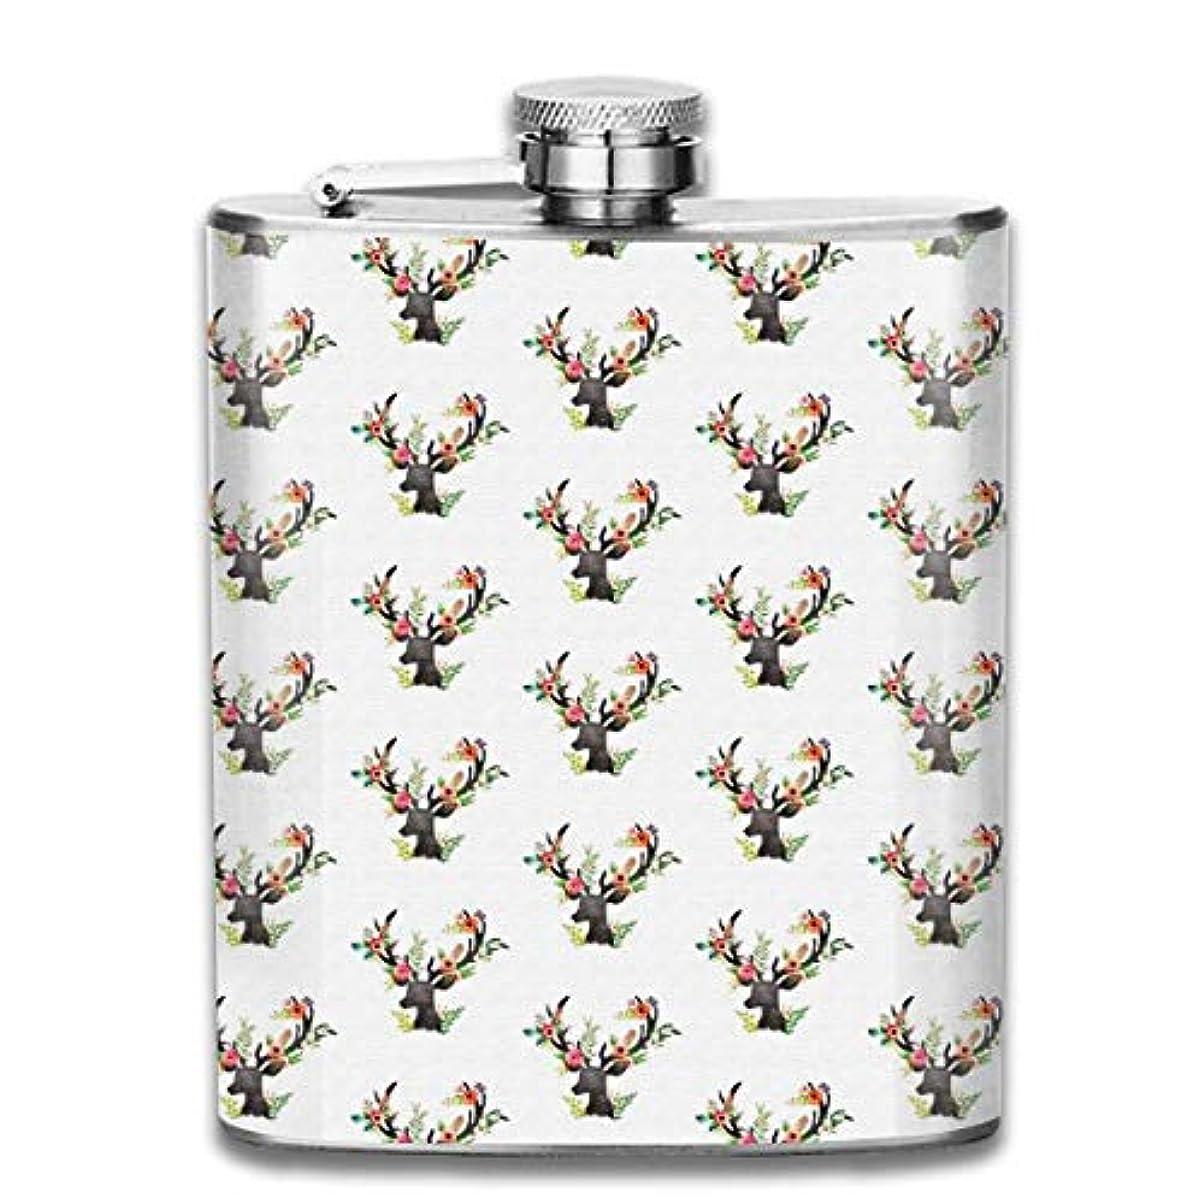 耳懐ポータブル花の鹿フラスコ スキットル ヒップフラスコ 7オンス 206ml 高品質ステンレス製 ウイスキー アルコール 清酒 携帯 ボトル